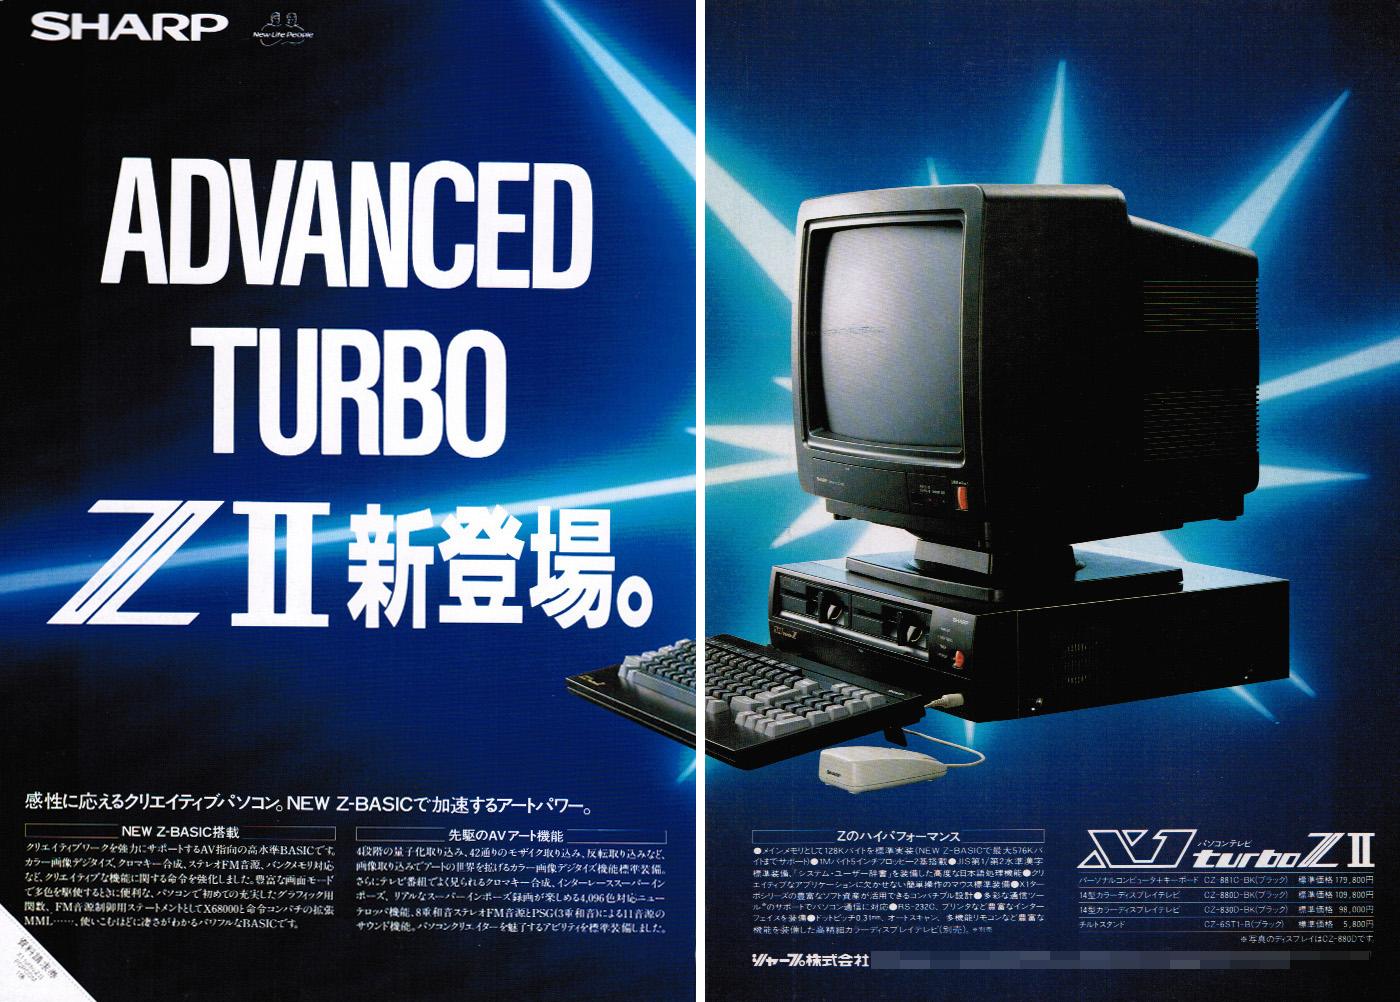 リリース直後の広告では、「あふれるクリエイティブマインド-NEW Z-BASIC搭載。ADVANCED TURBO ZII 新登場。」とのキャッチコピーで宣伝されていました。この「ADVANCED TURBO」というフレーズは、発売後暫くしてから掲載されるようになった別バージョンの広告や、後に発売されるX1turboZIIIの広告でも使用されます。